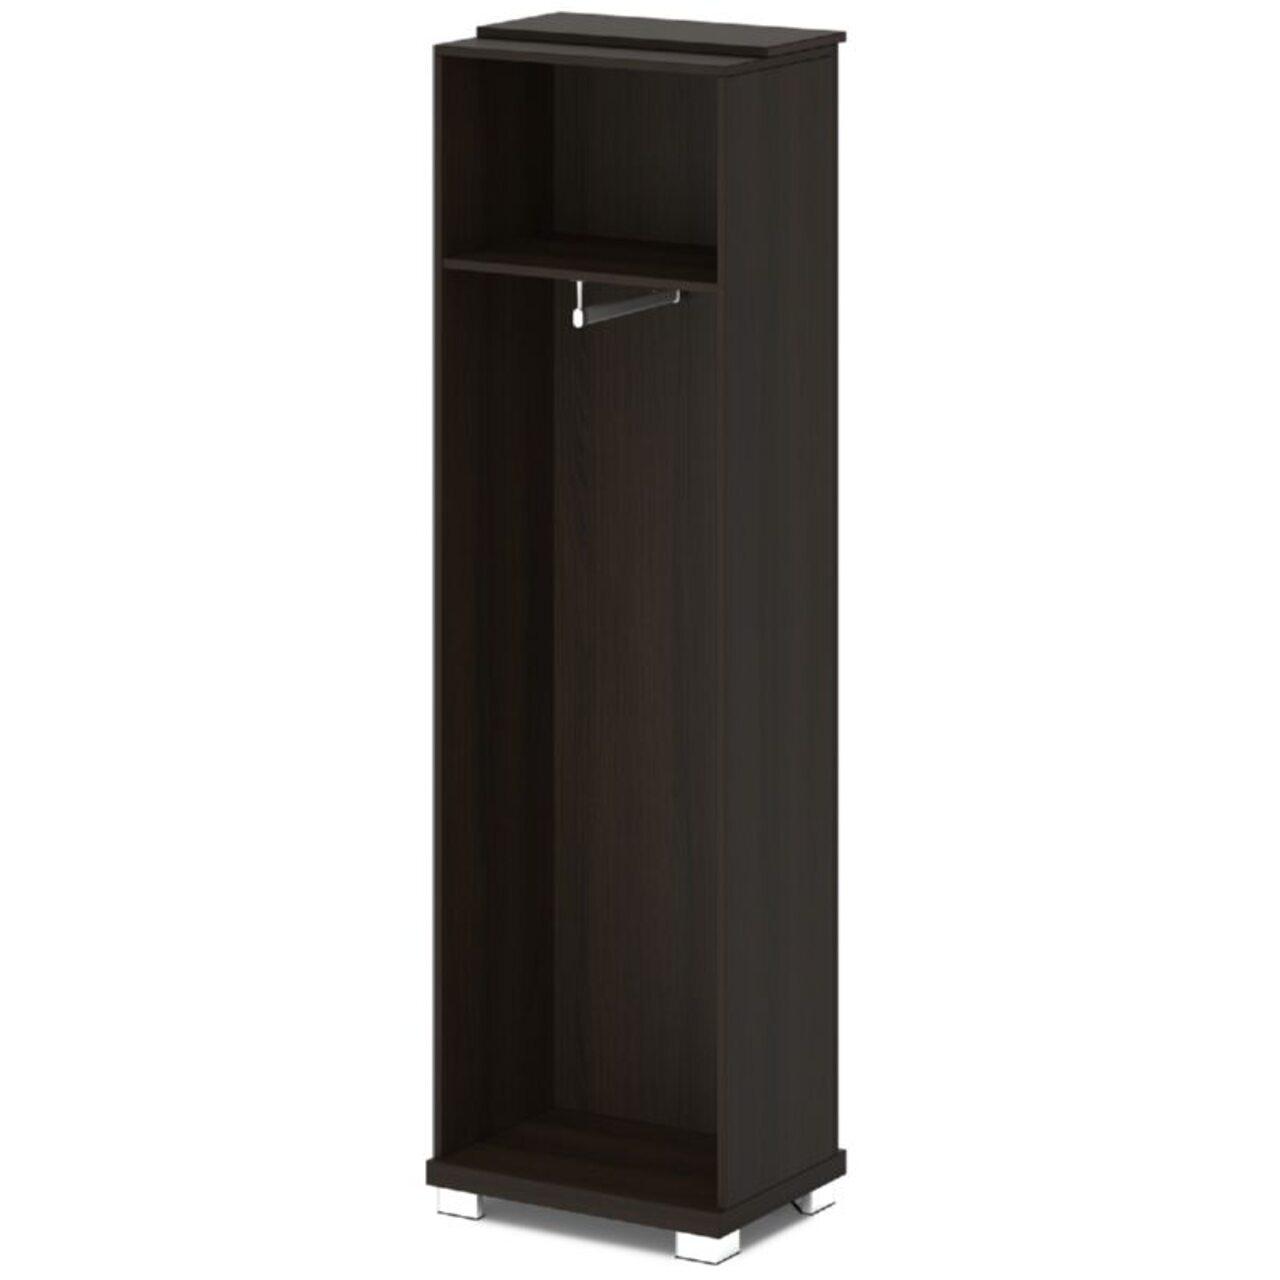 Каркас шкафа для одежды центральный - фото 9